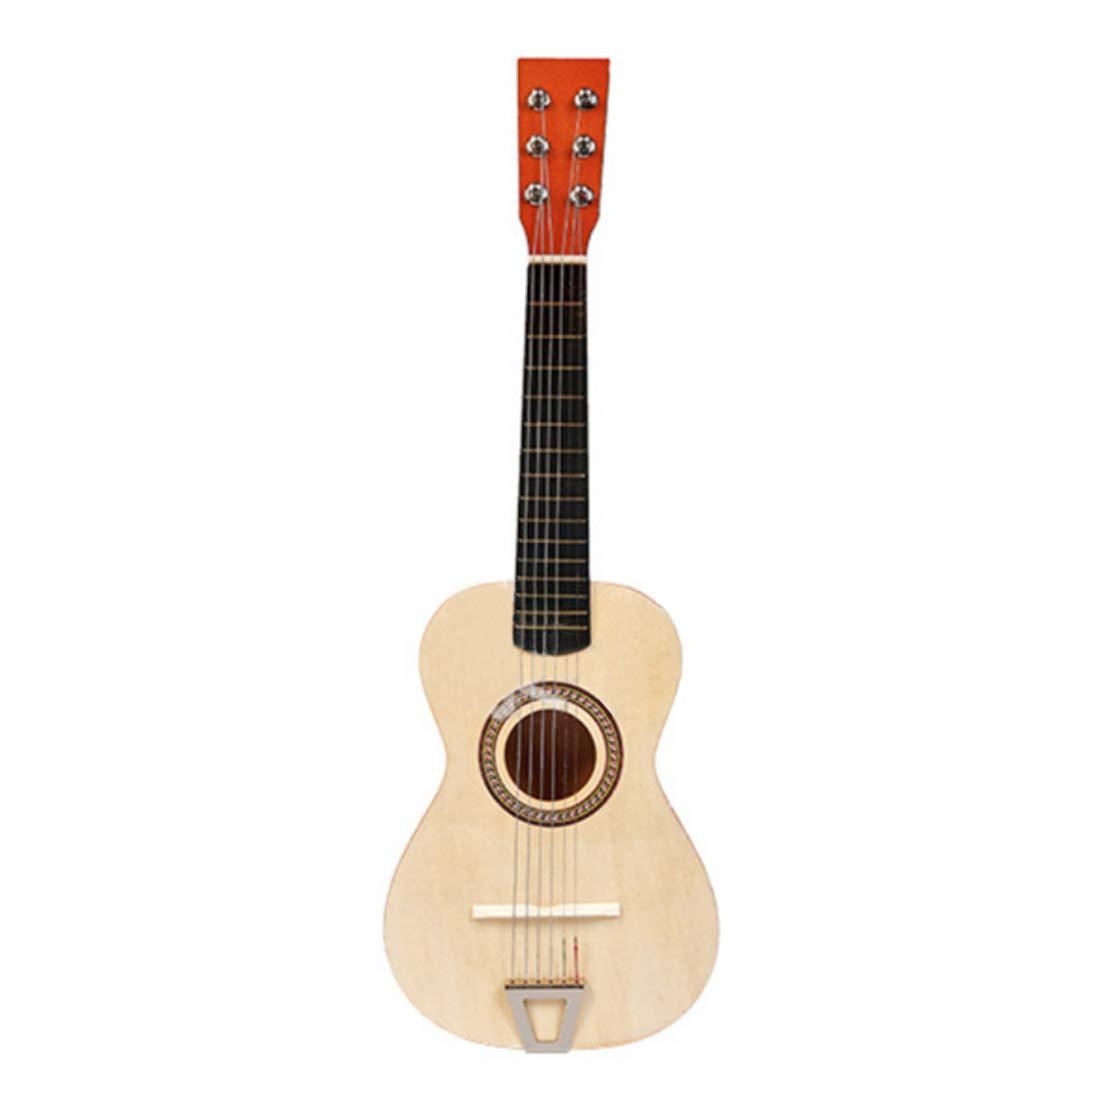 Touchmark Kindergitarre, Beige, Kinder Gitarre aus Holz, 23 inches Konzertgitarre Musikinstrument Starter fü r Kinder ab 3 Jahren